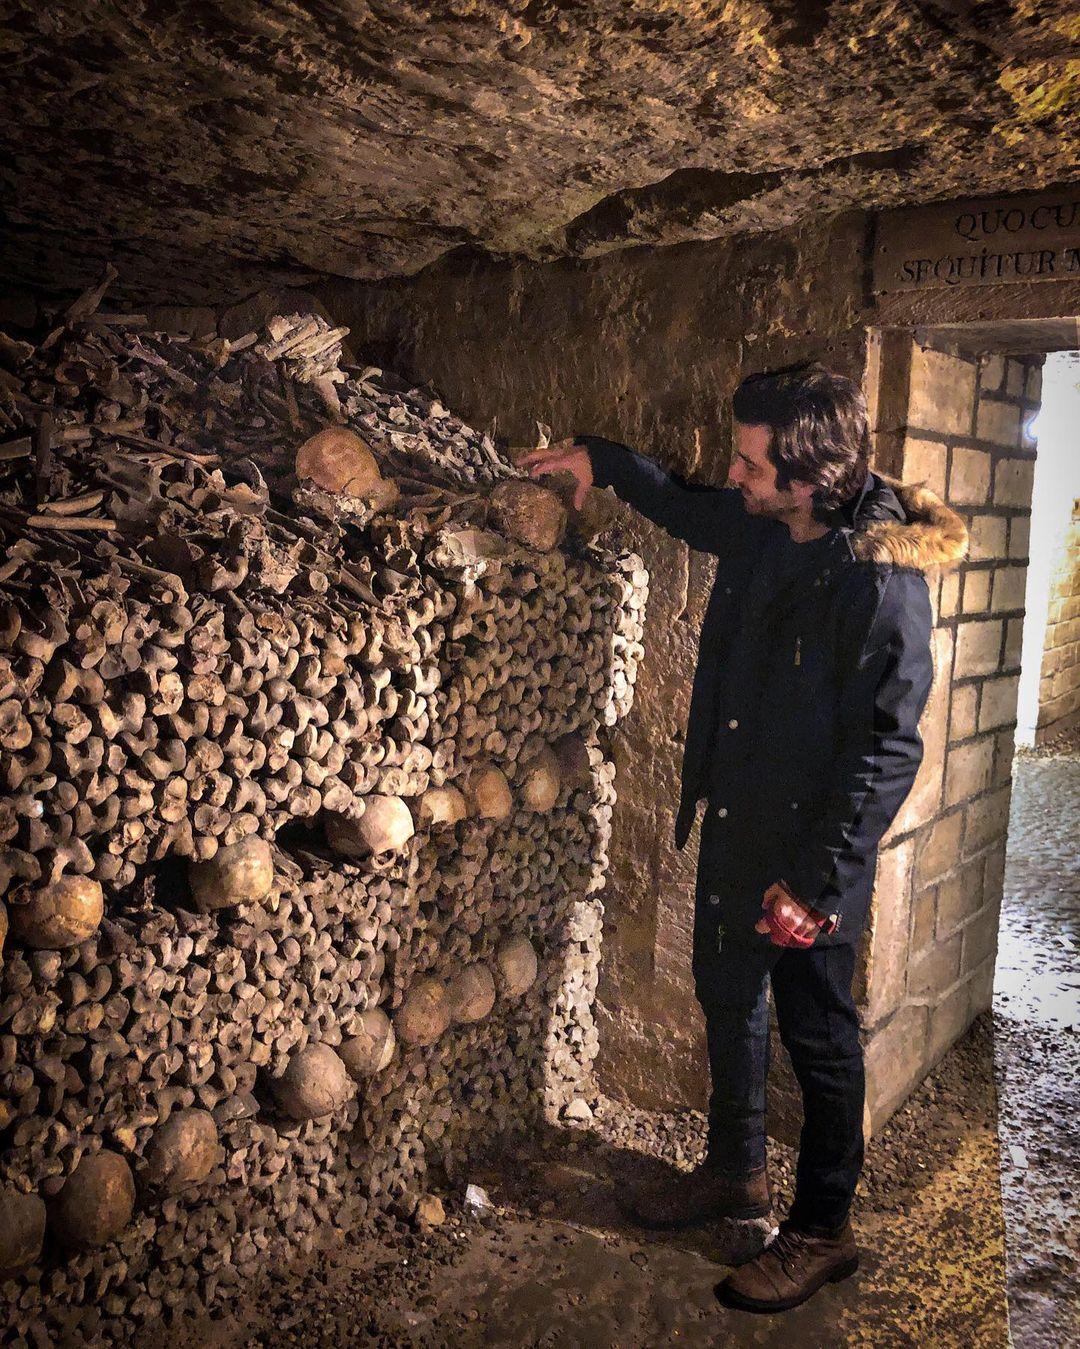 Catacombs Paris Tempat wisata Horror